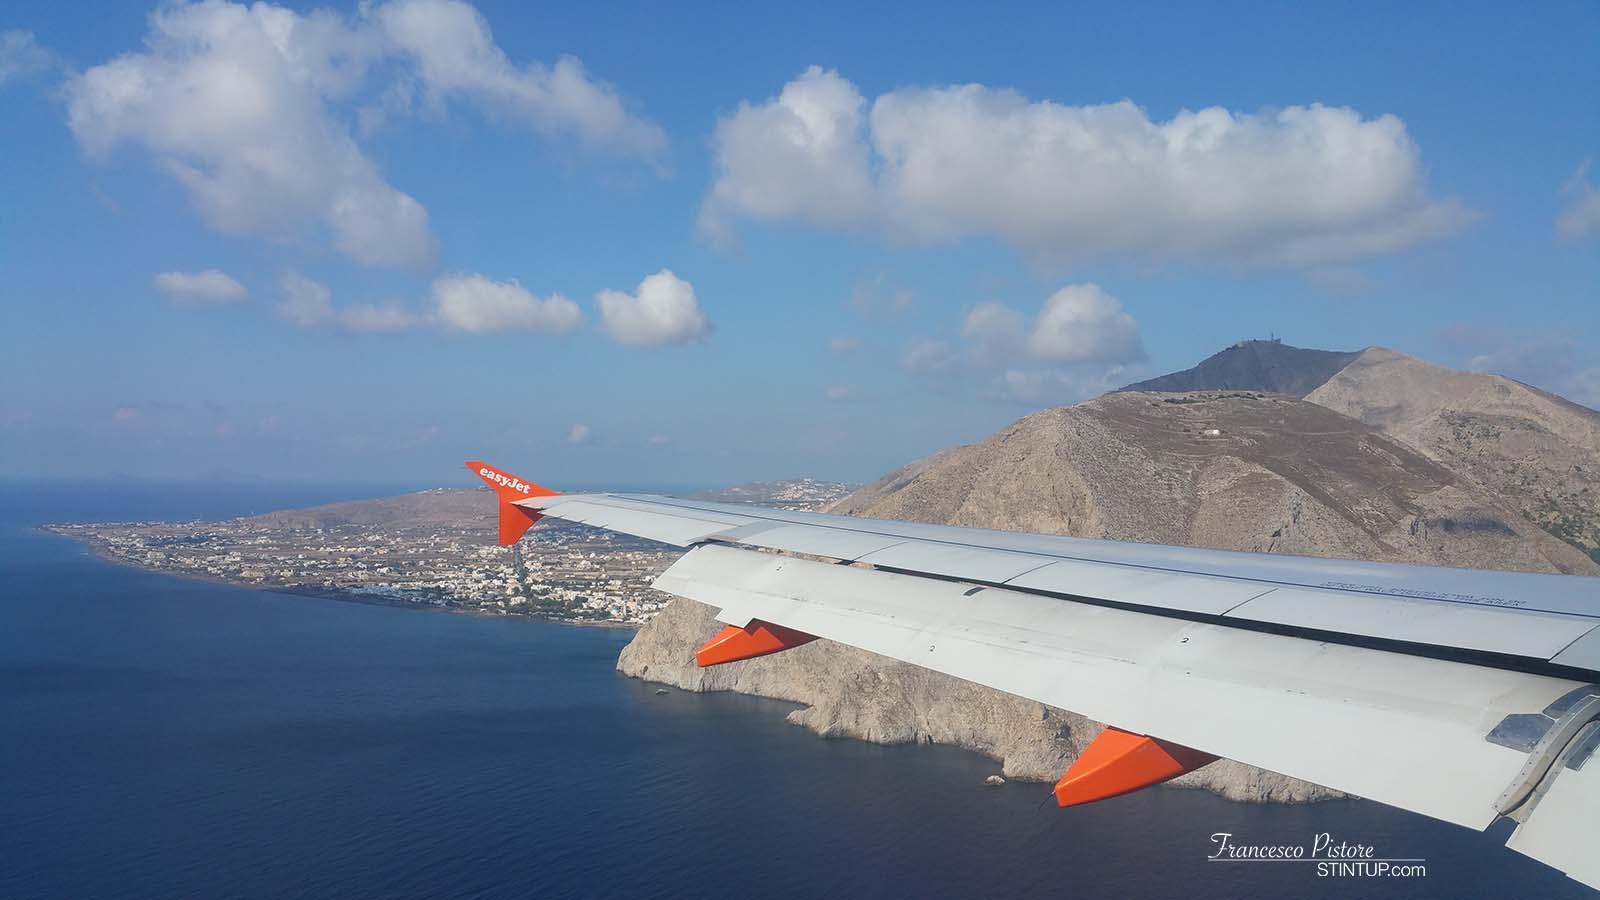 Atterraggio a Santorini. Sulla sinistra Perissa